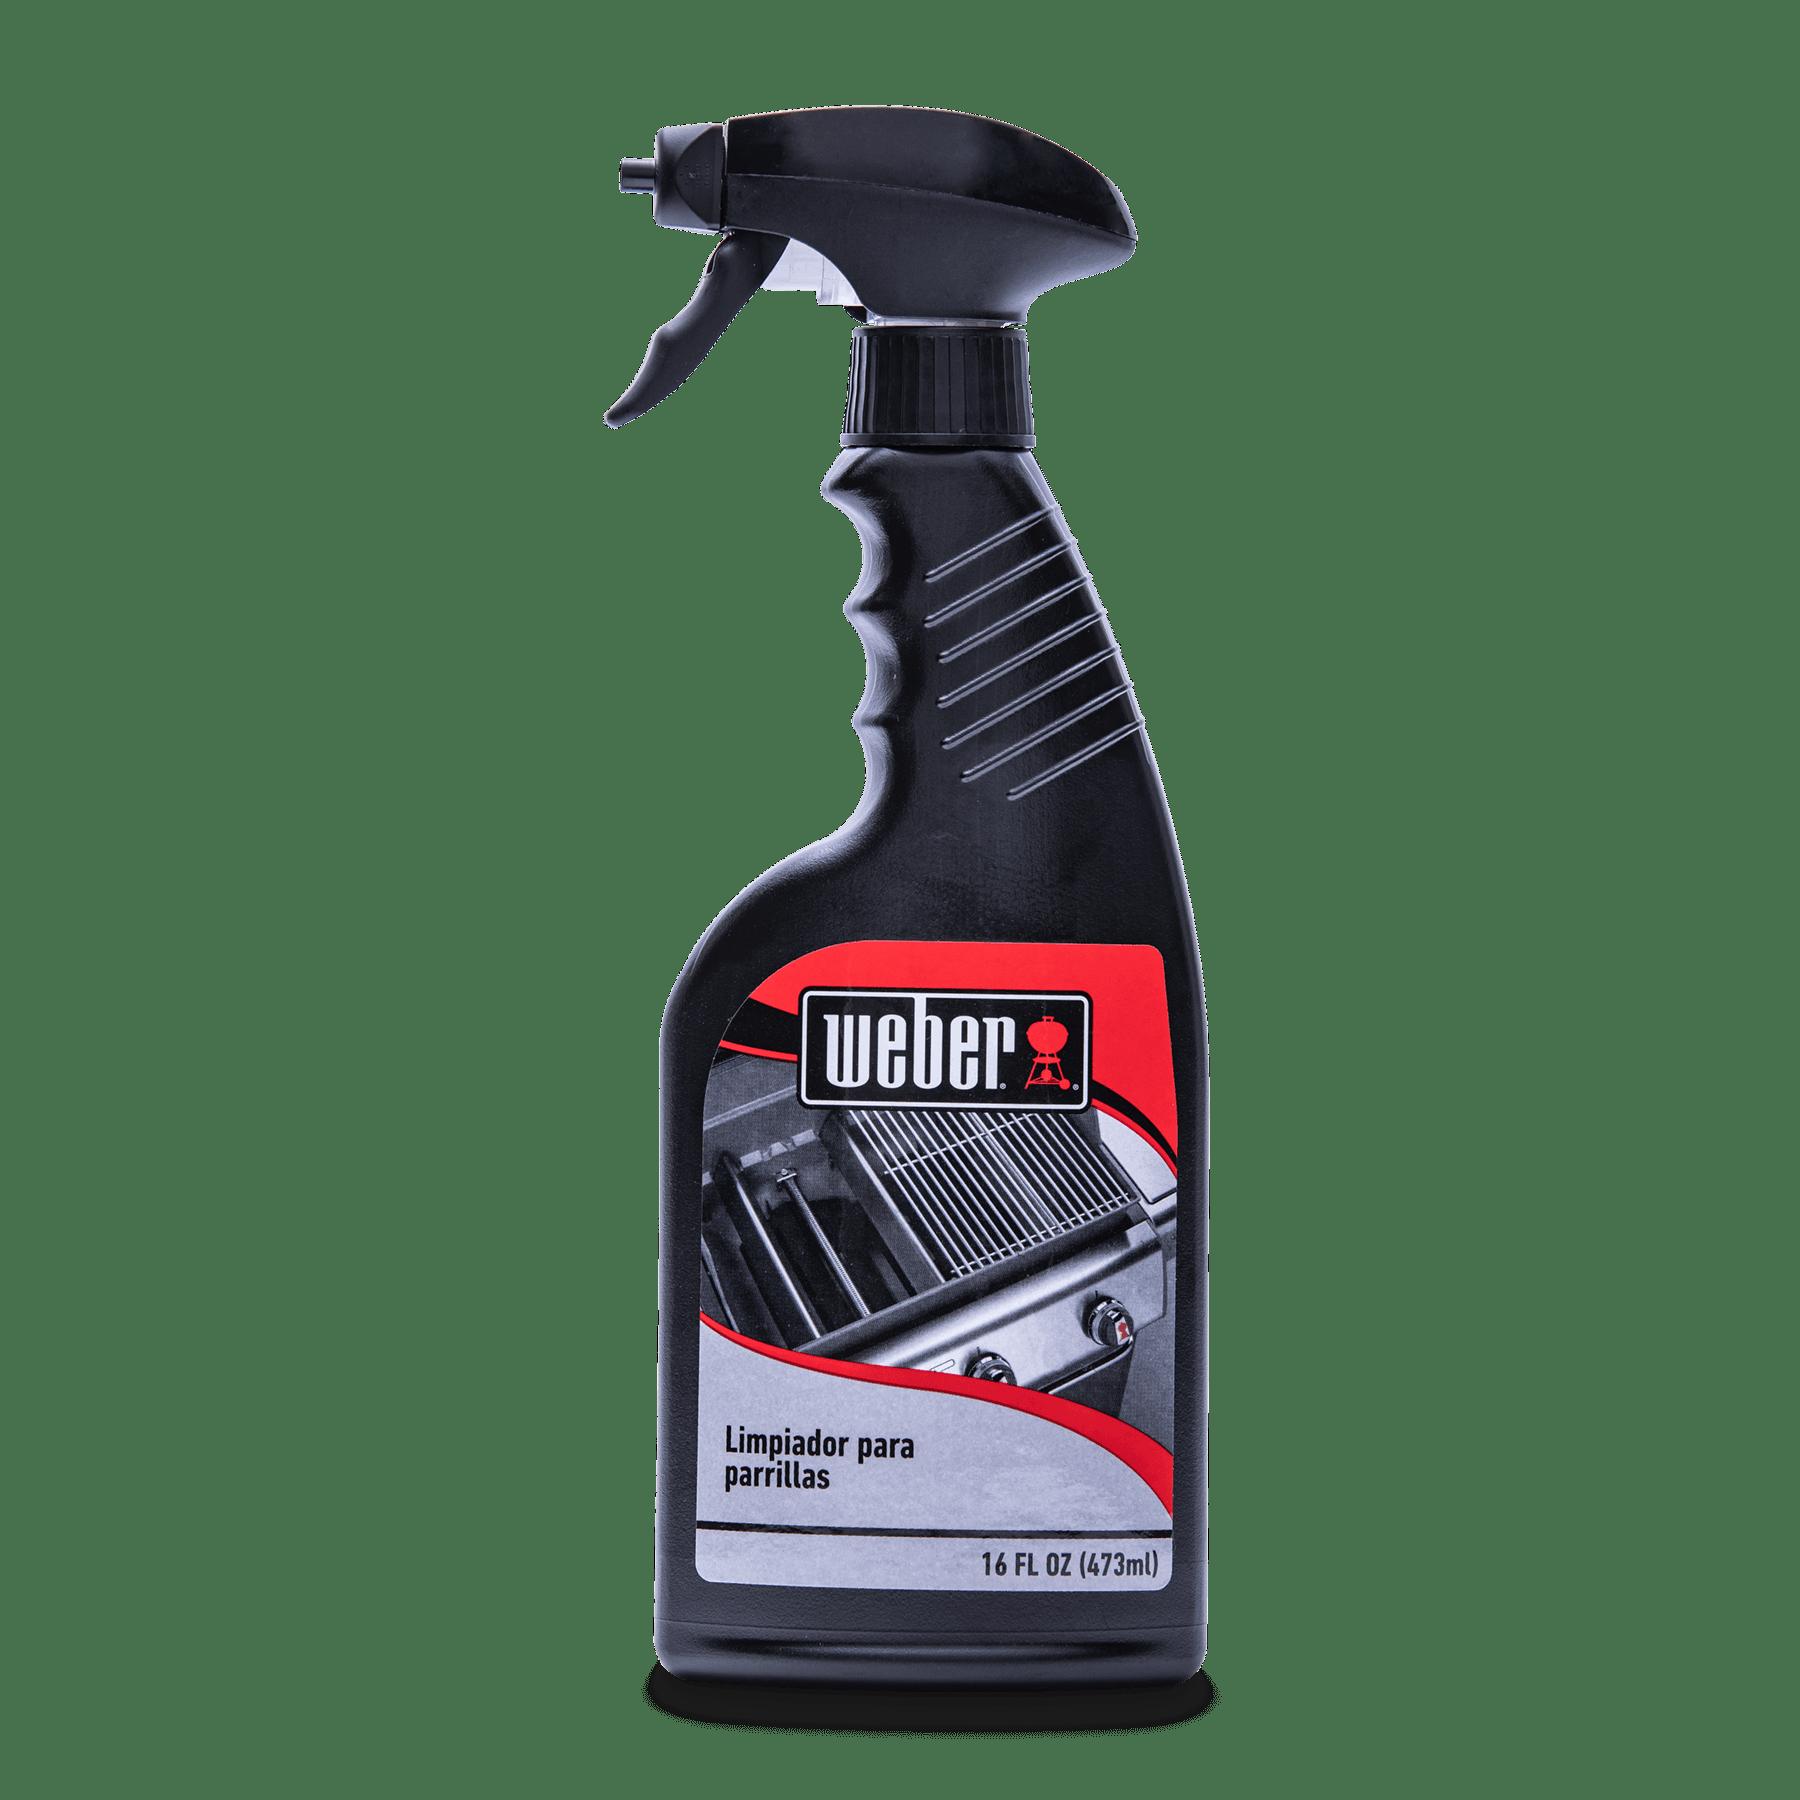 Limpiador para rejillas Weber